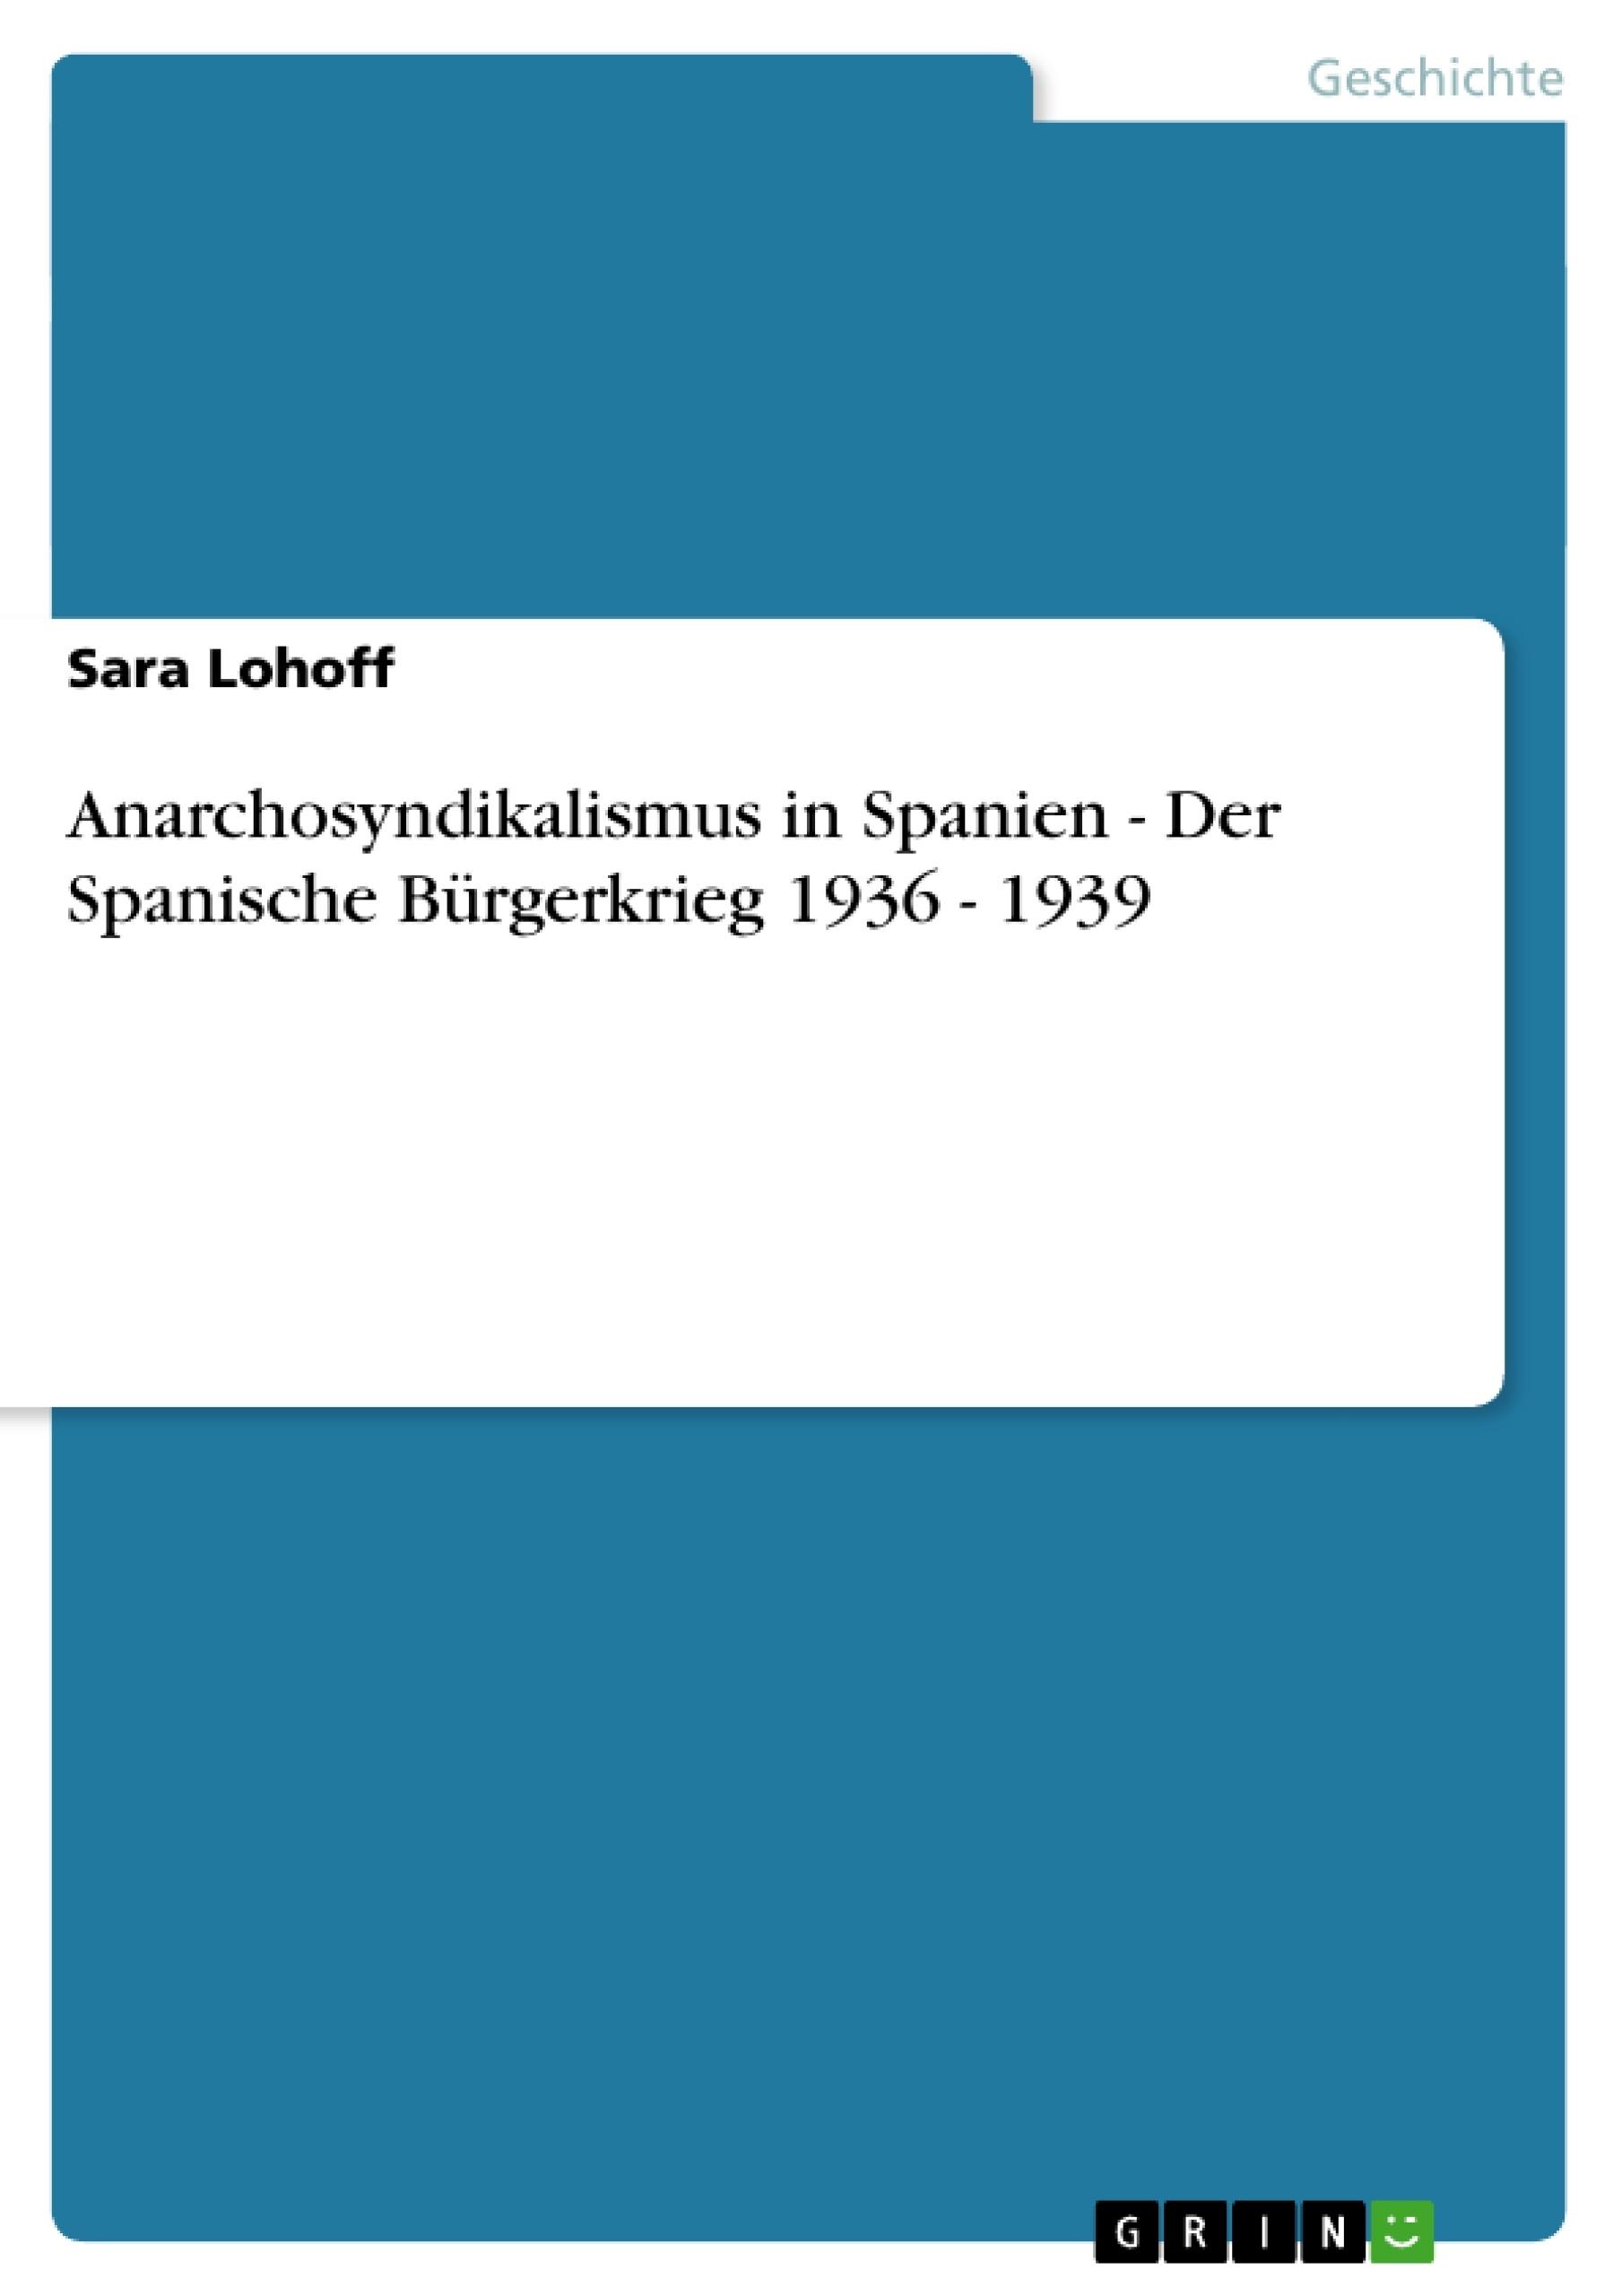 Titel: Anarchosyndikalismus in Spanien - Der Spanische Bürgerkrieg 1936 - 1939